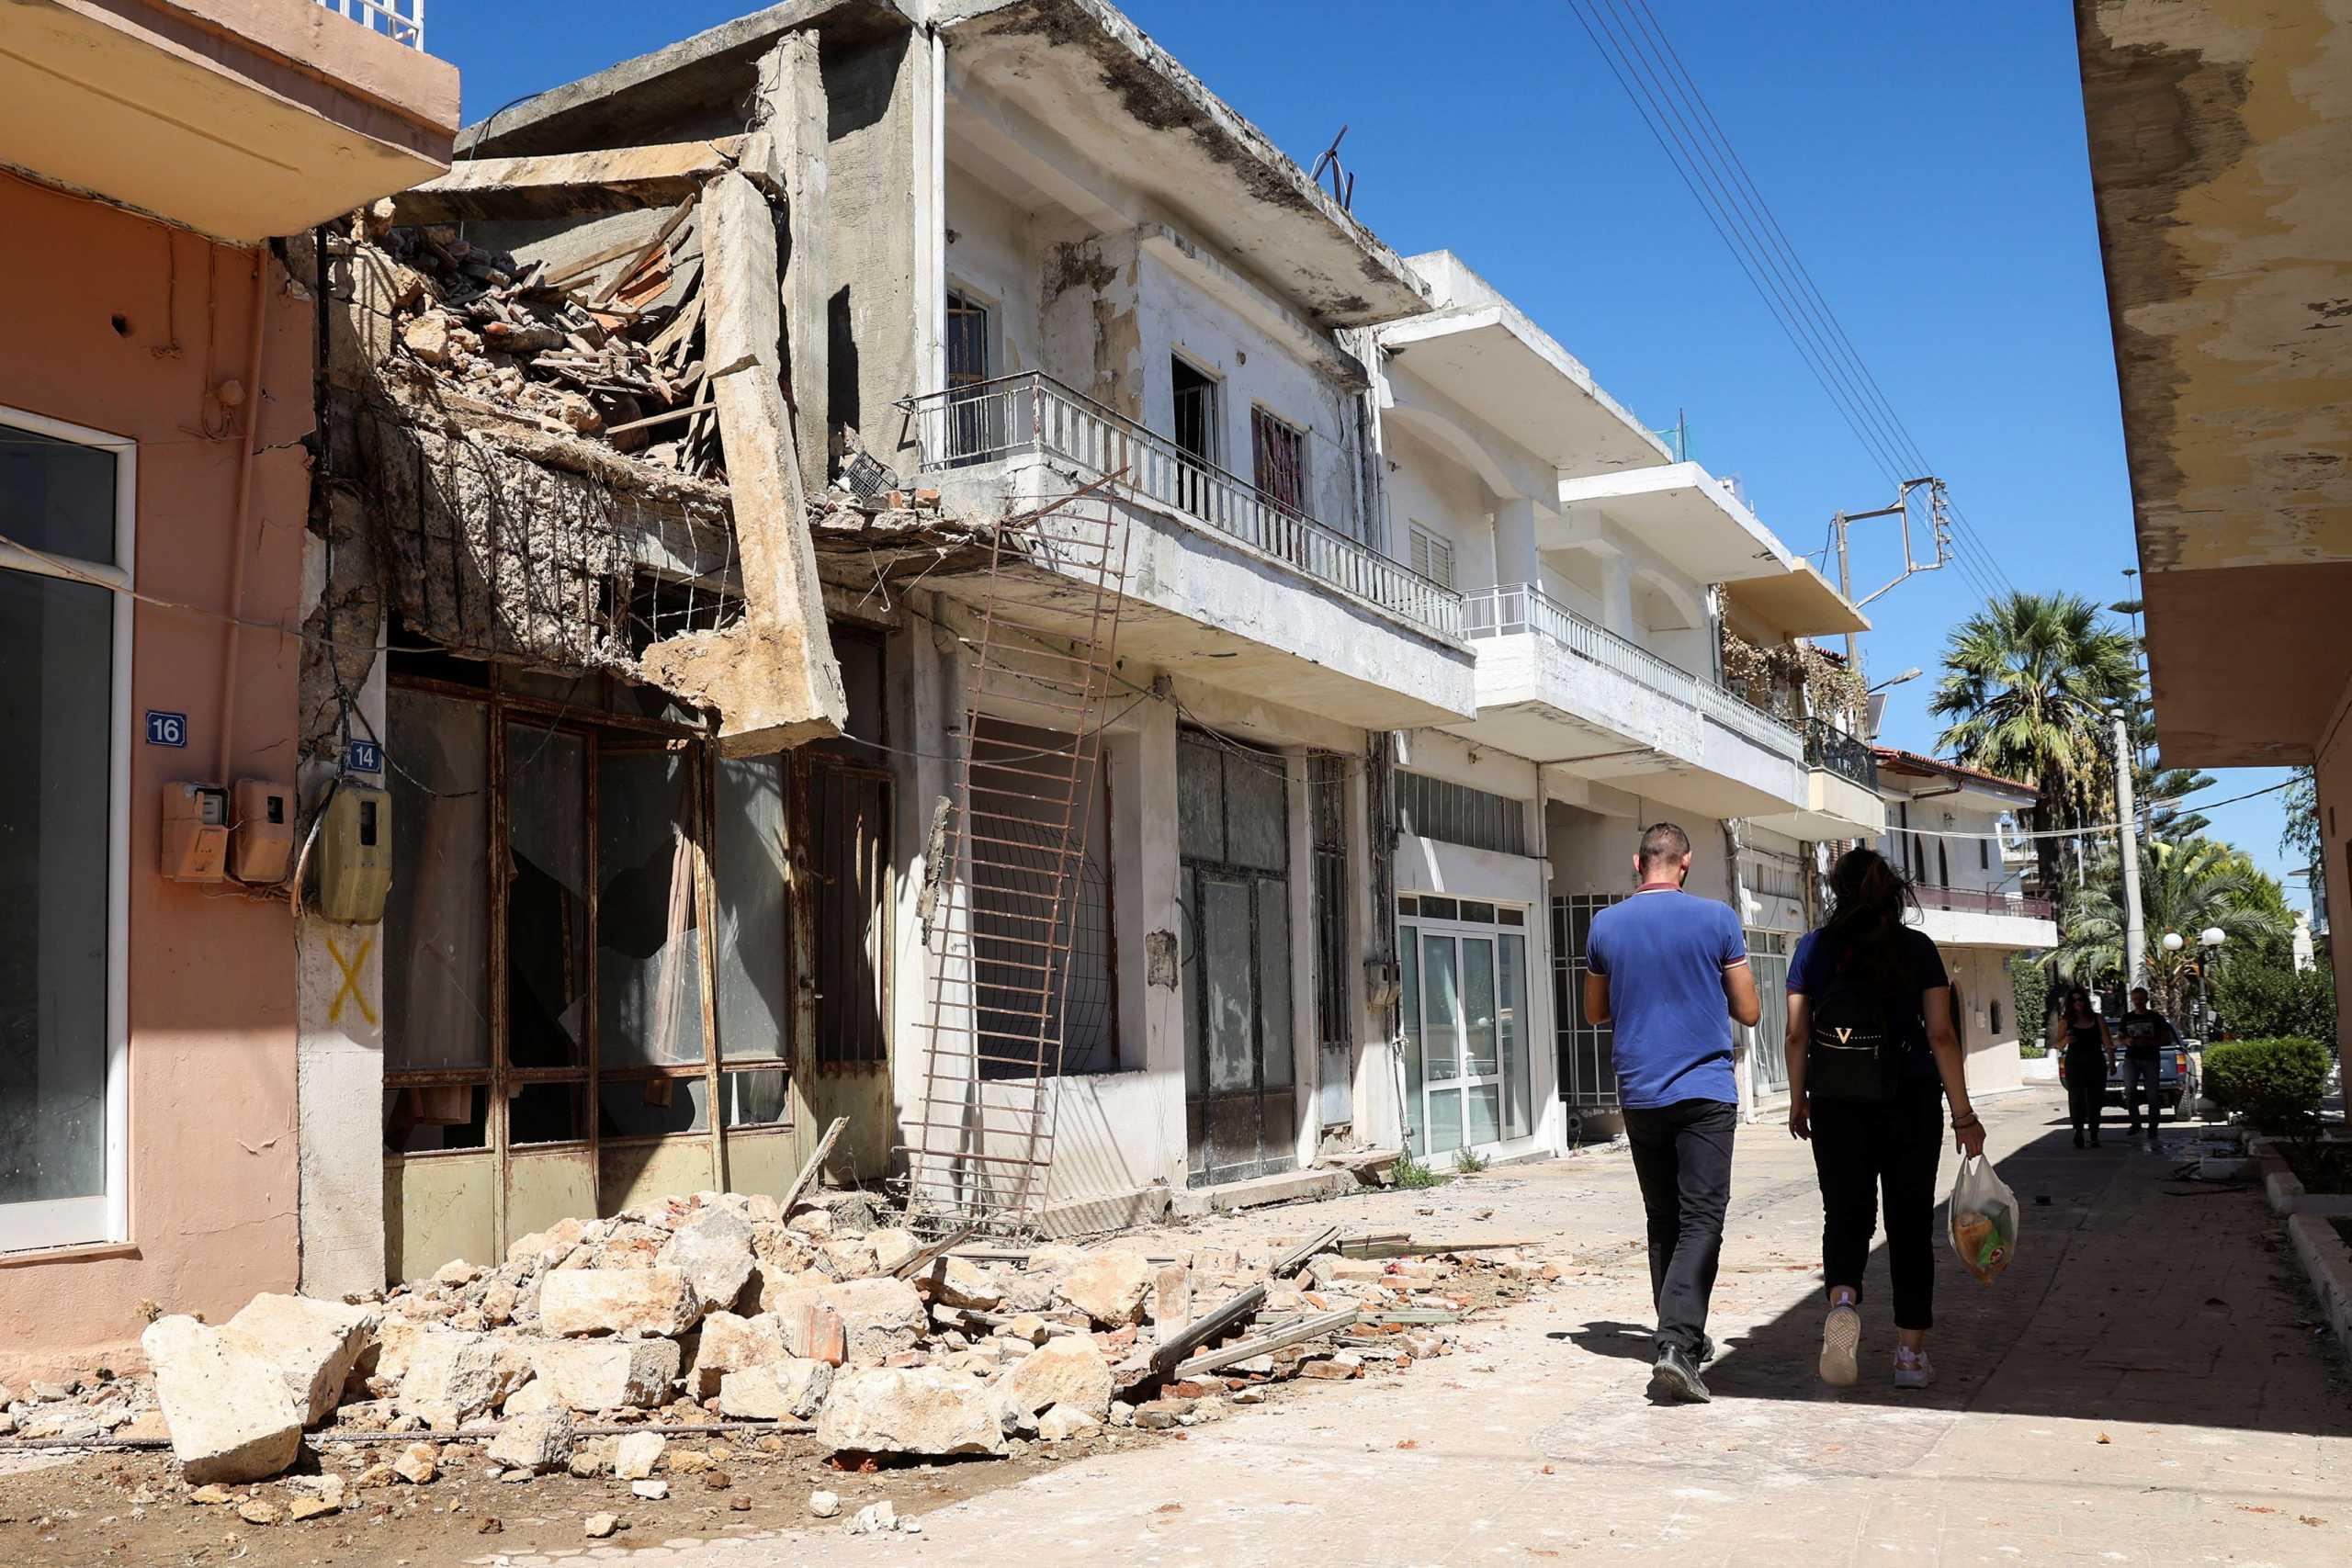 Σεισμός στην Κρήτη: Πάνω από 4.000 τα ακατάλληλα κτίρια και οι έλεγχοι συνεχίζονται